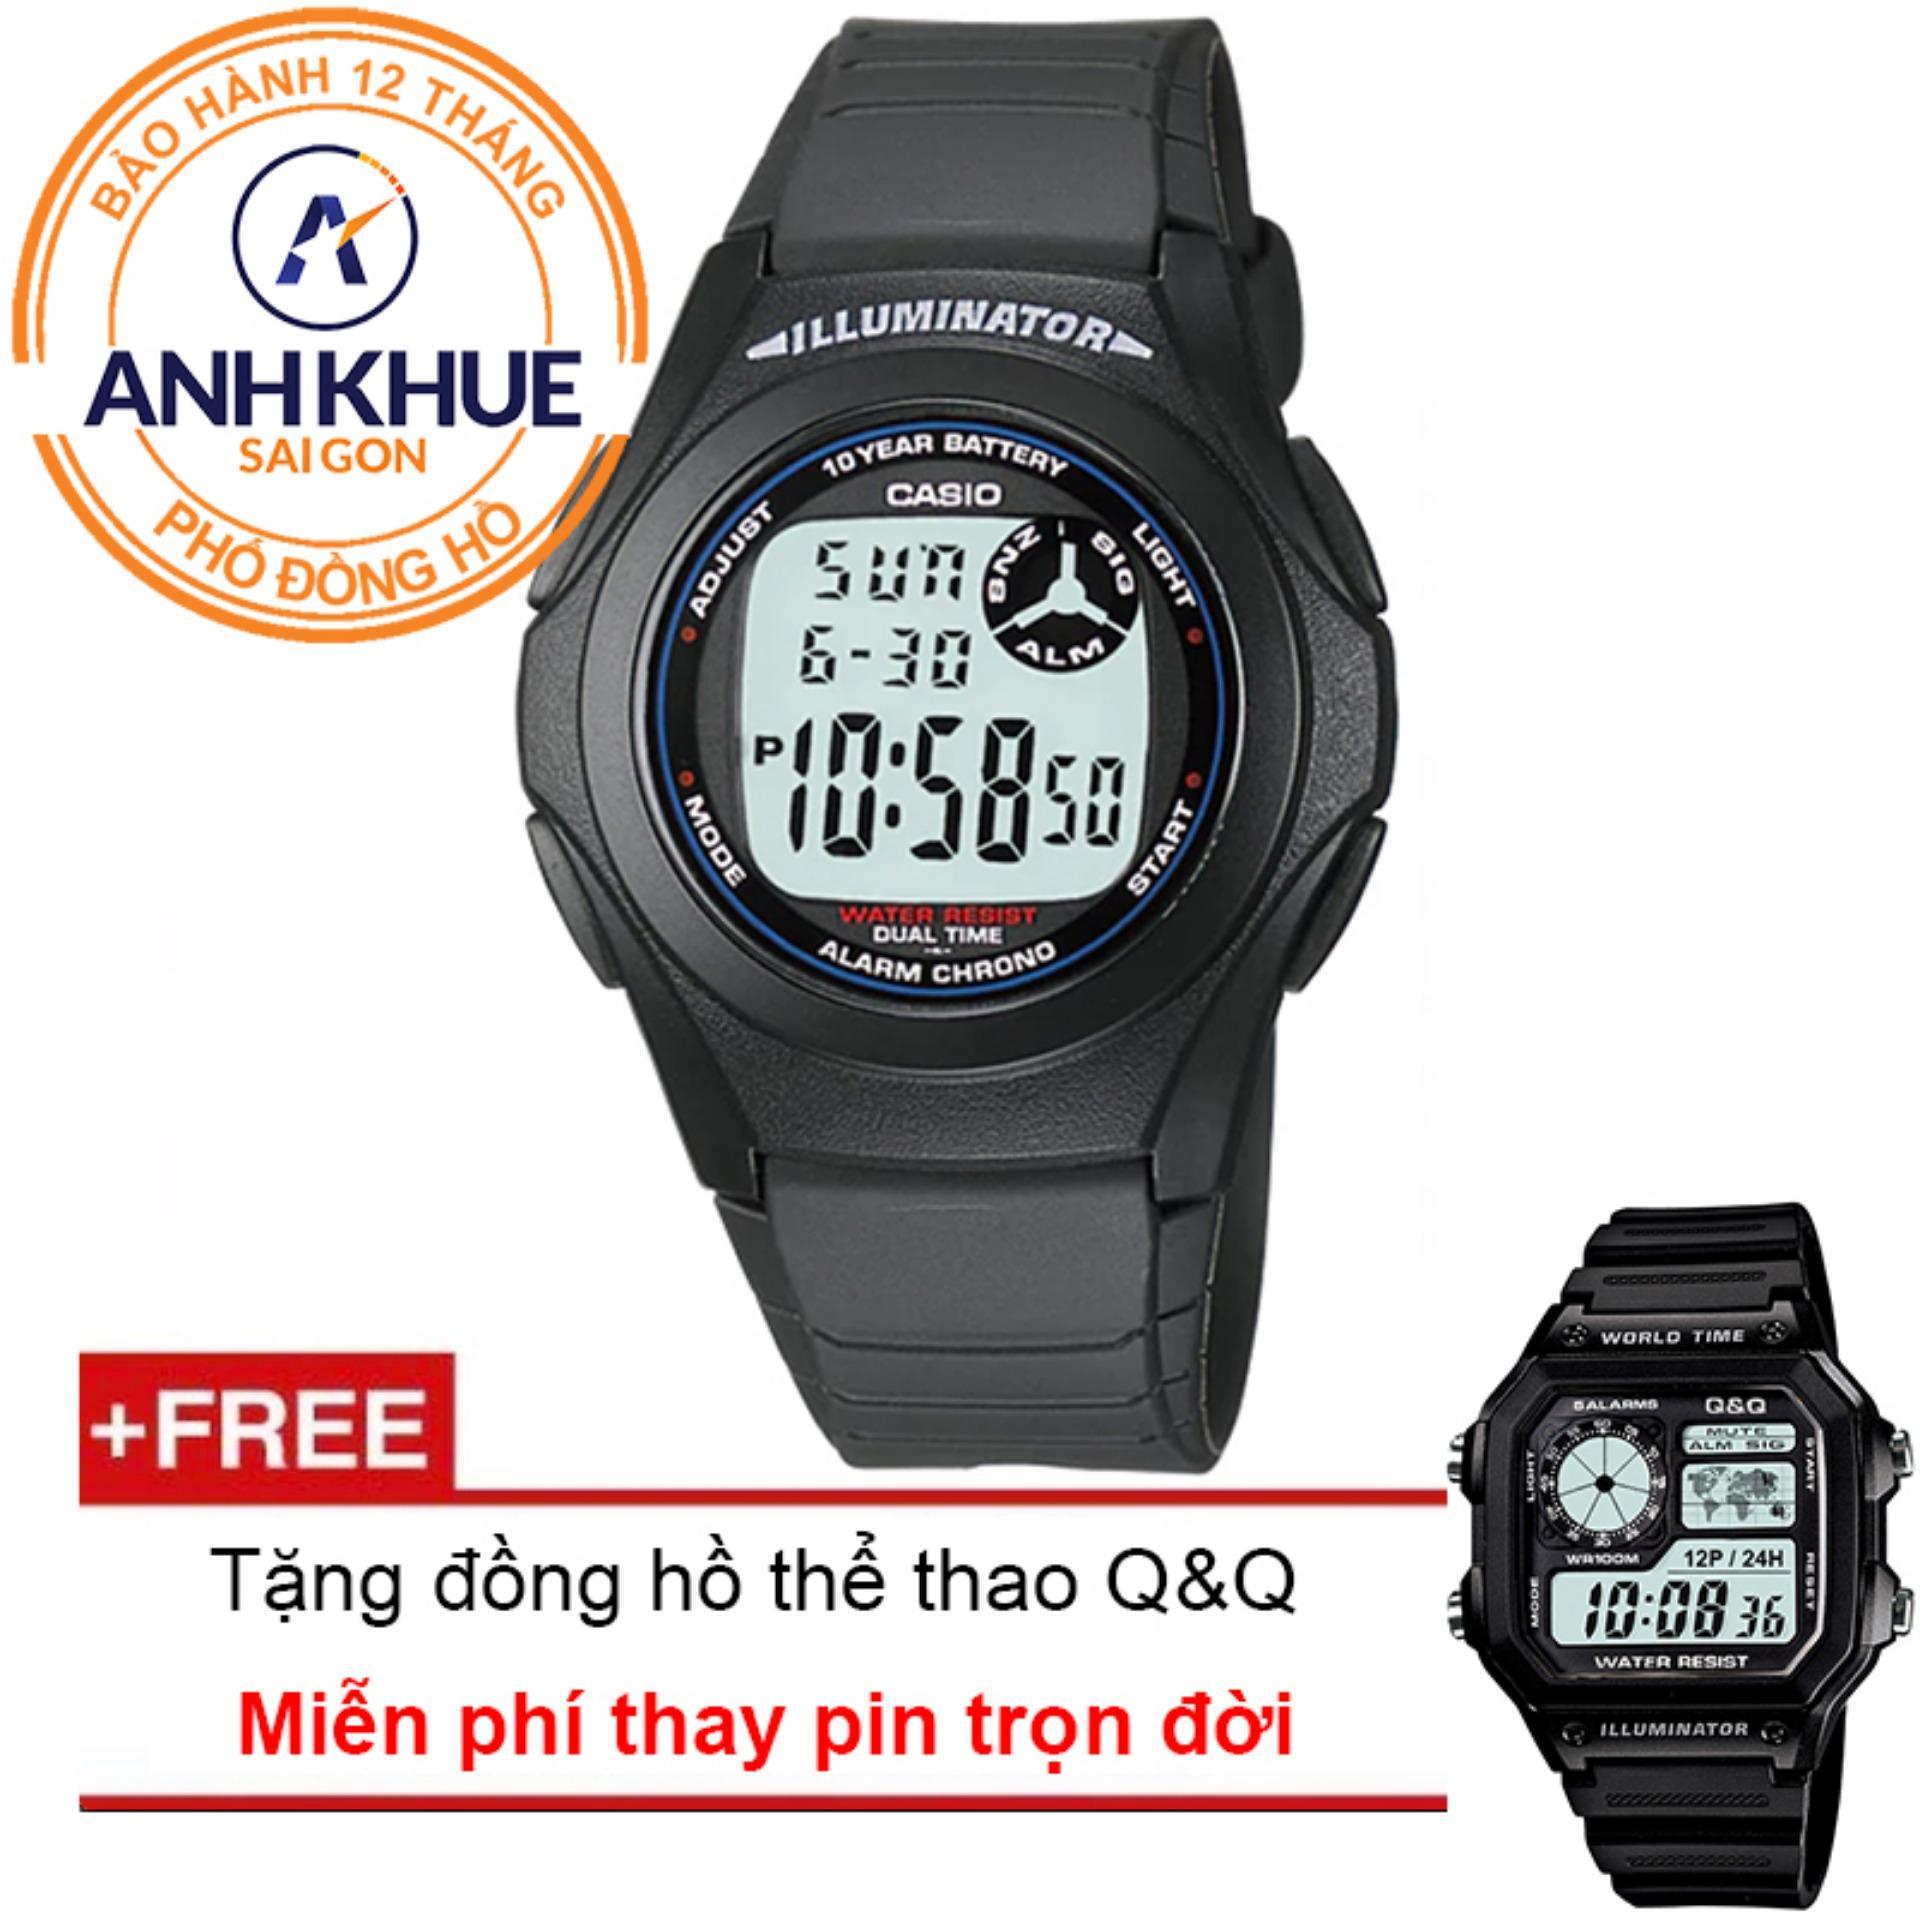 Đồng hồ dây nhựa huyền thoại Casio Anh Khuê F-200W-1ADF + Tặng đồng hồ thể thao Q&Q